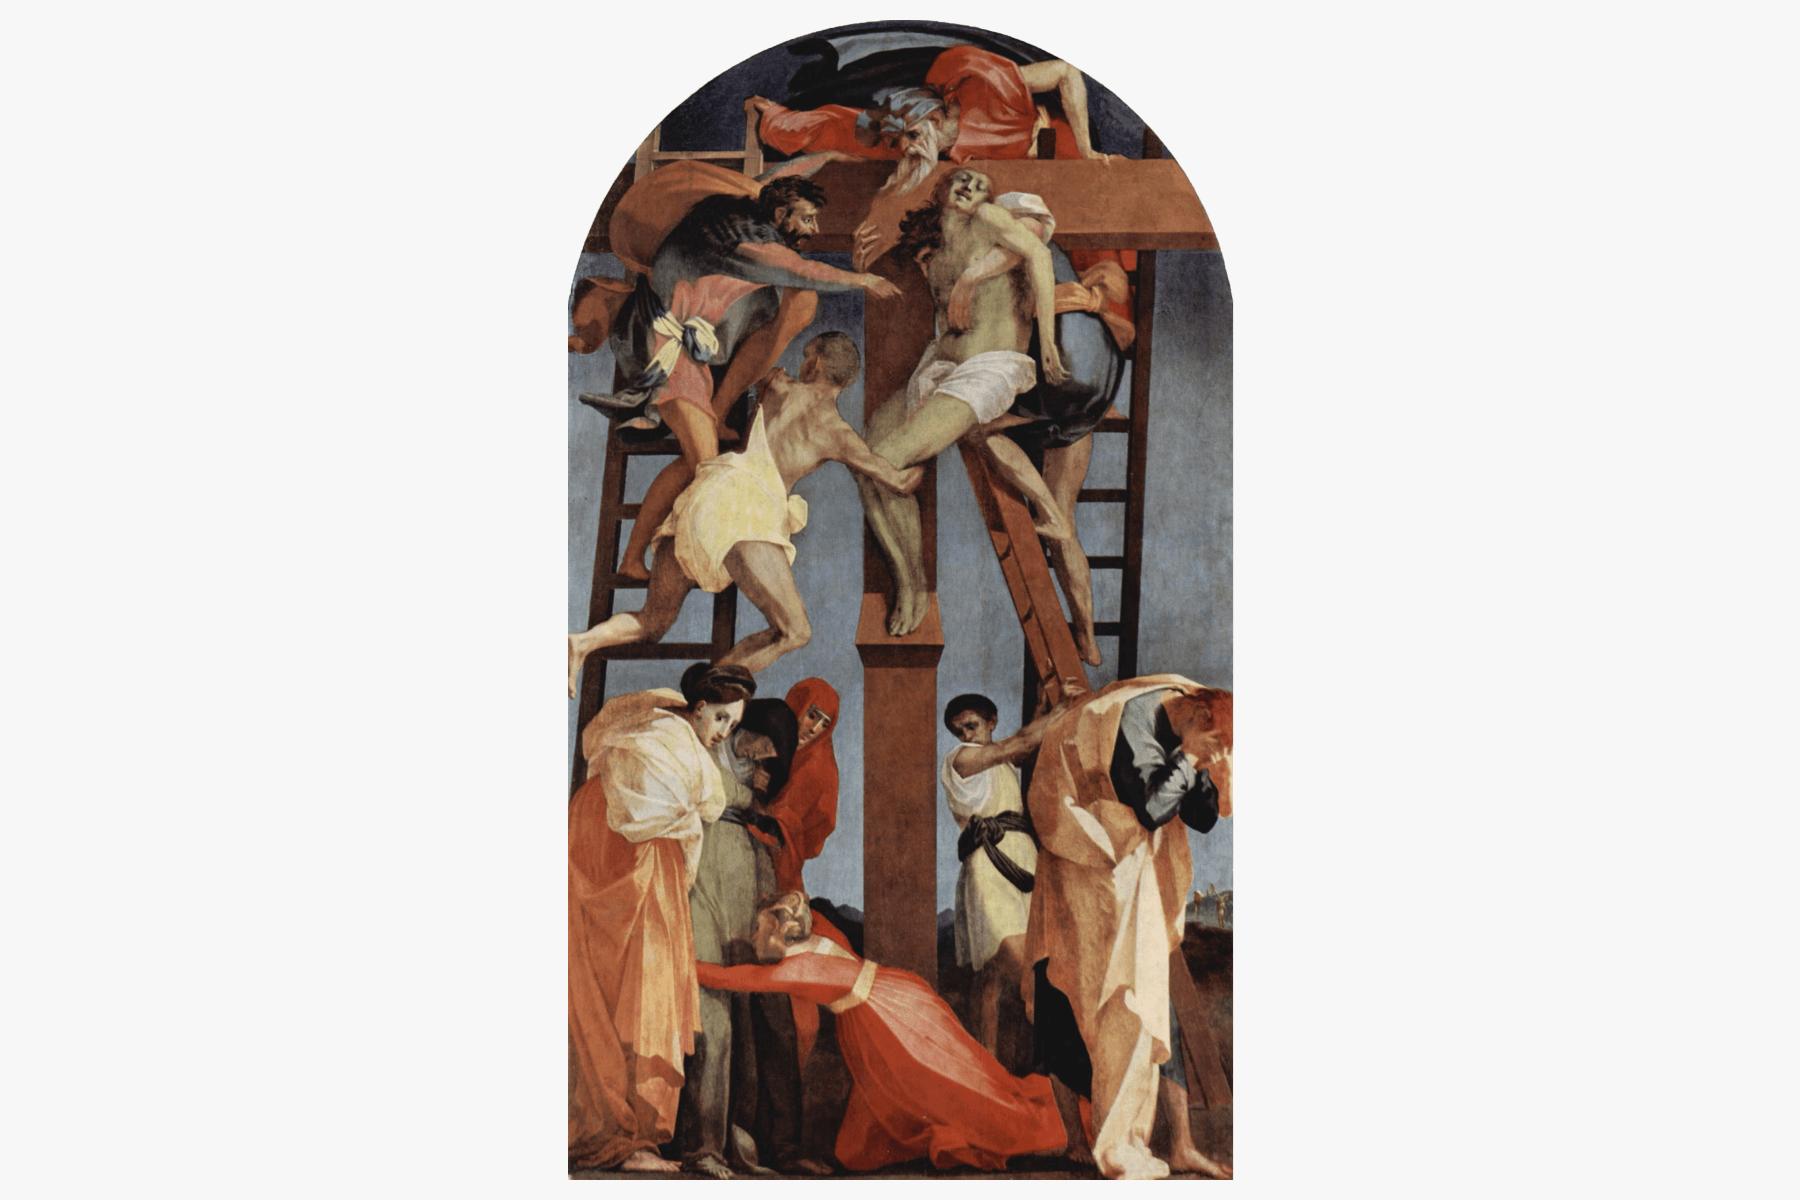 Джованни Баттиста Россо Фьорентино «Снятие скреста», 1529. Источник: gallerix.ru